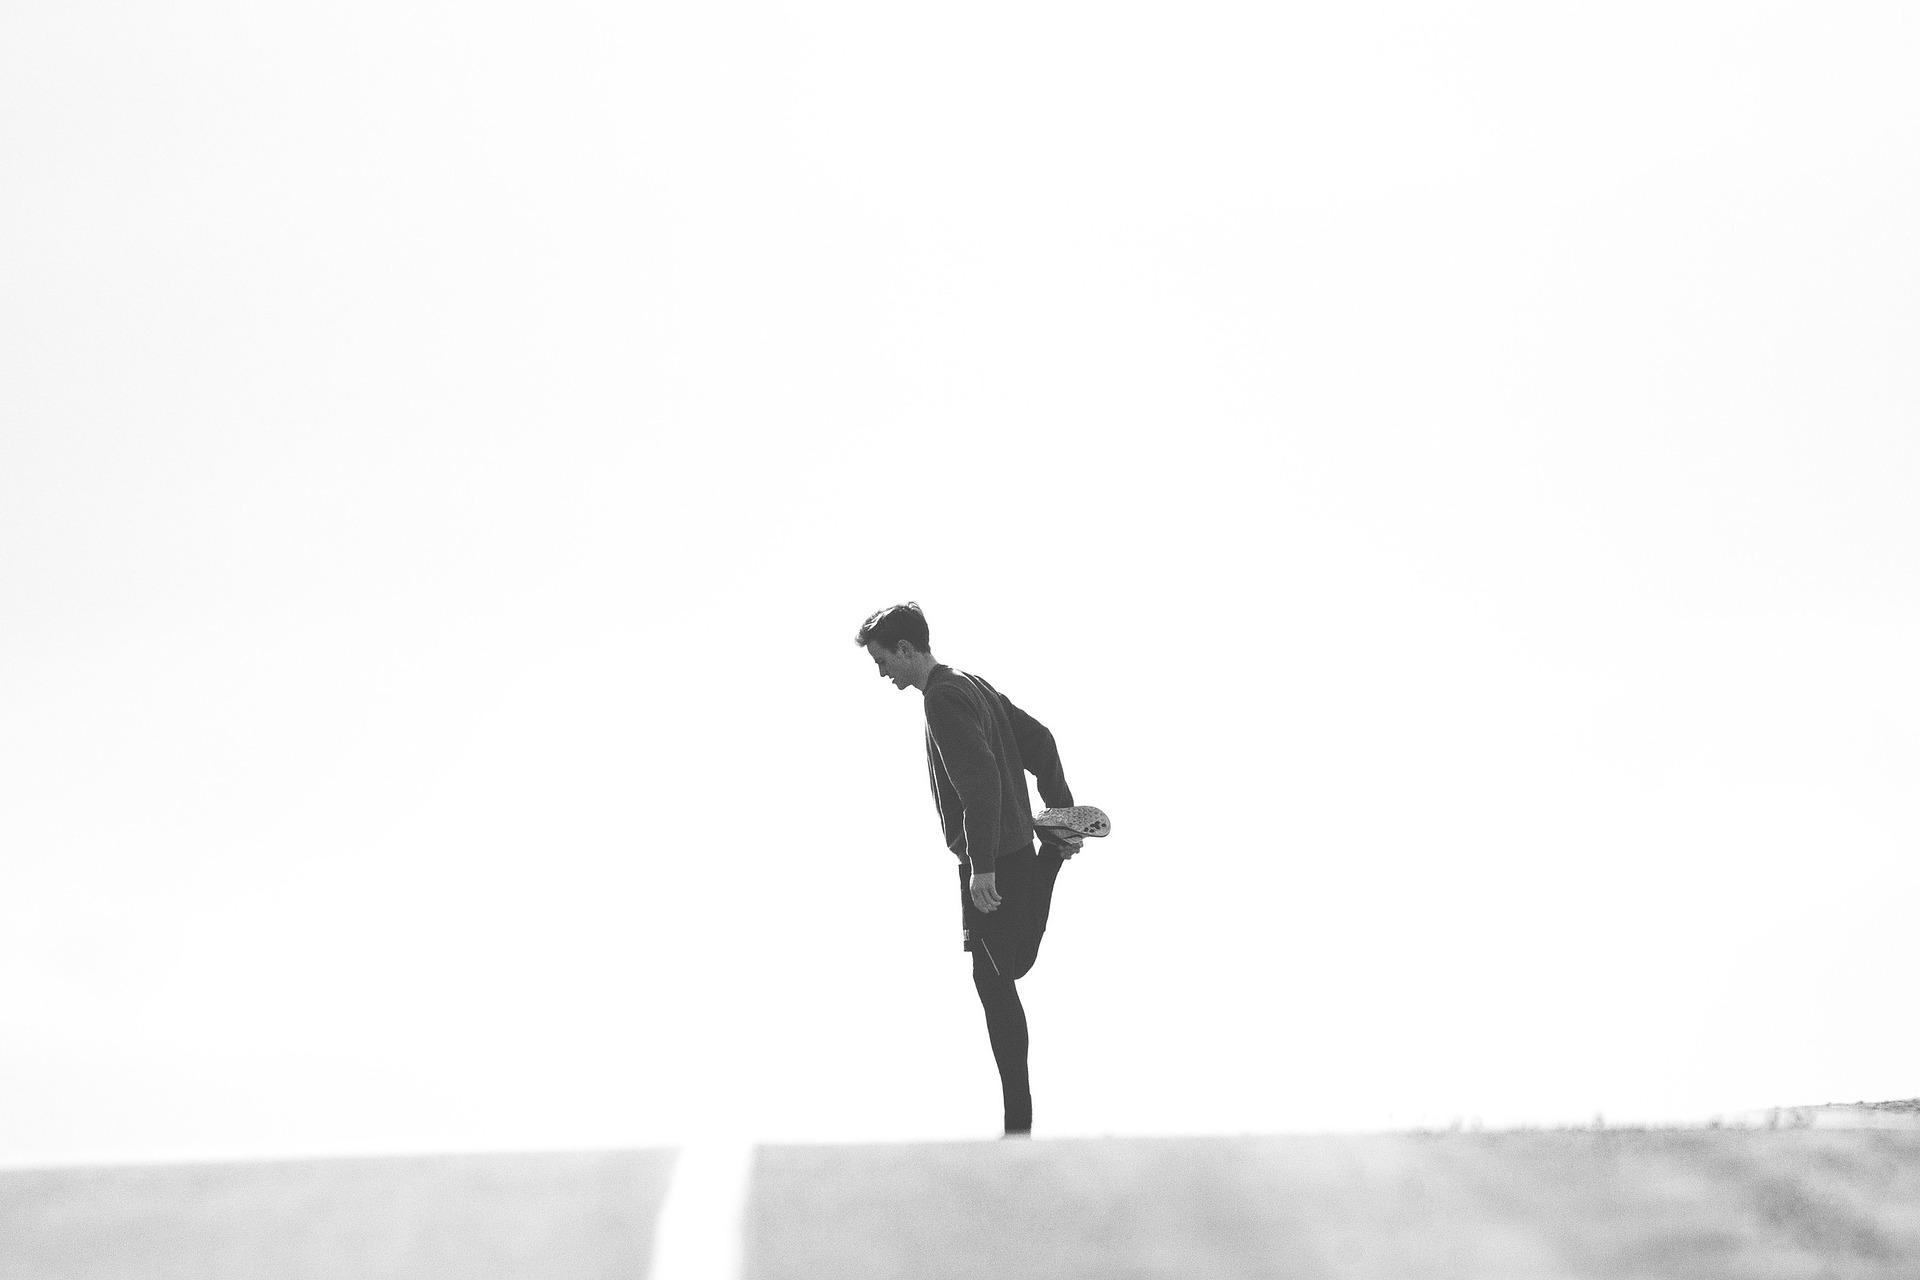 Winter Running: Stretch